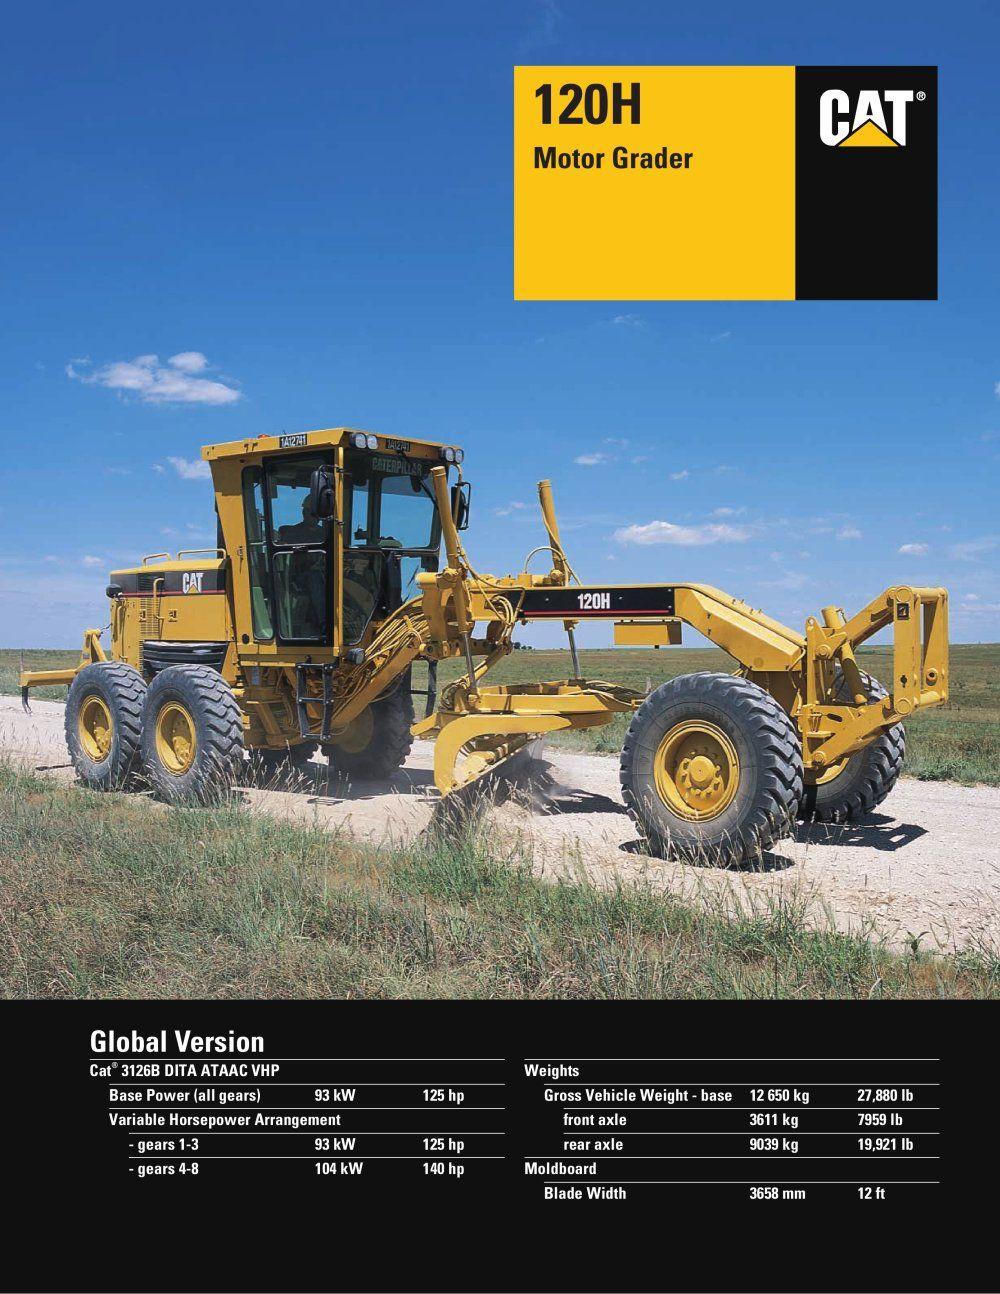 caterpillar ag equiptment | Motor Grader - Caterpillar Equipment - PDF  Catalogue | Technical .